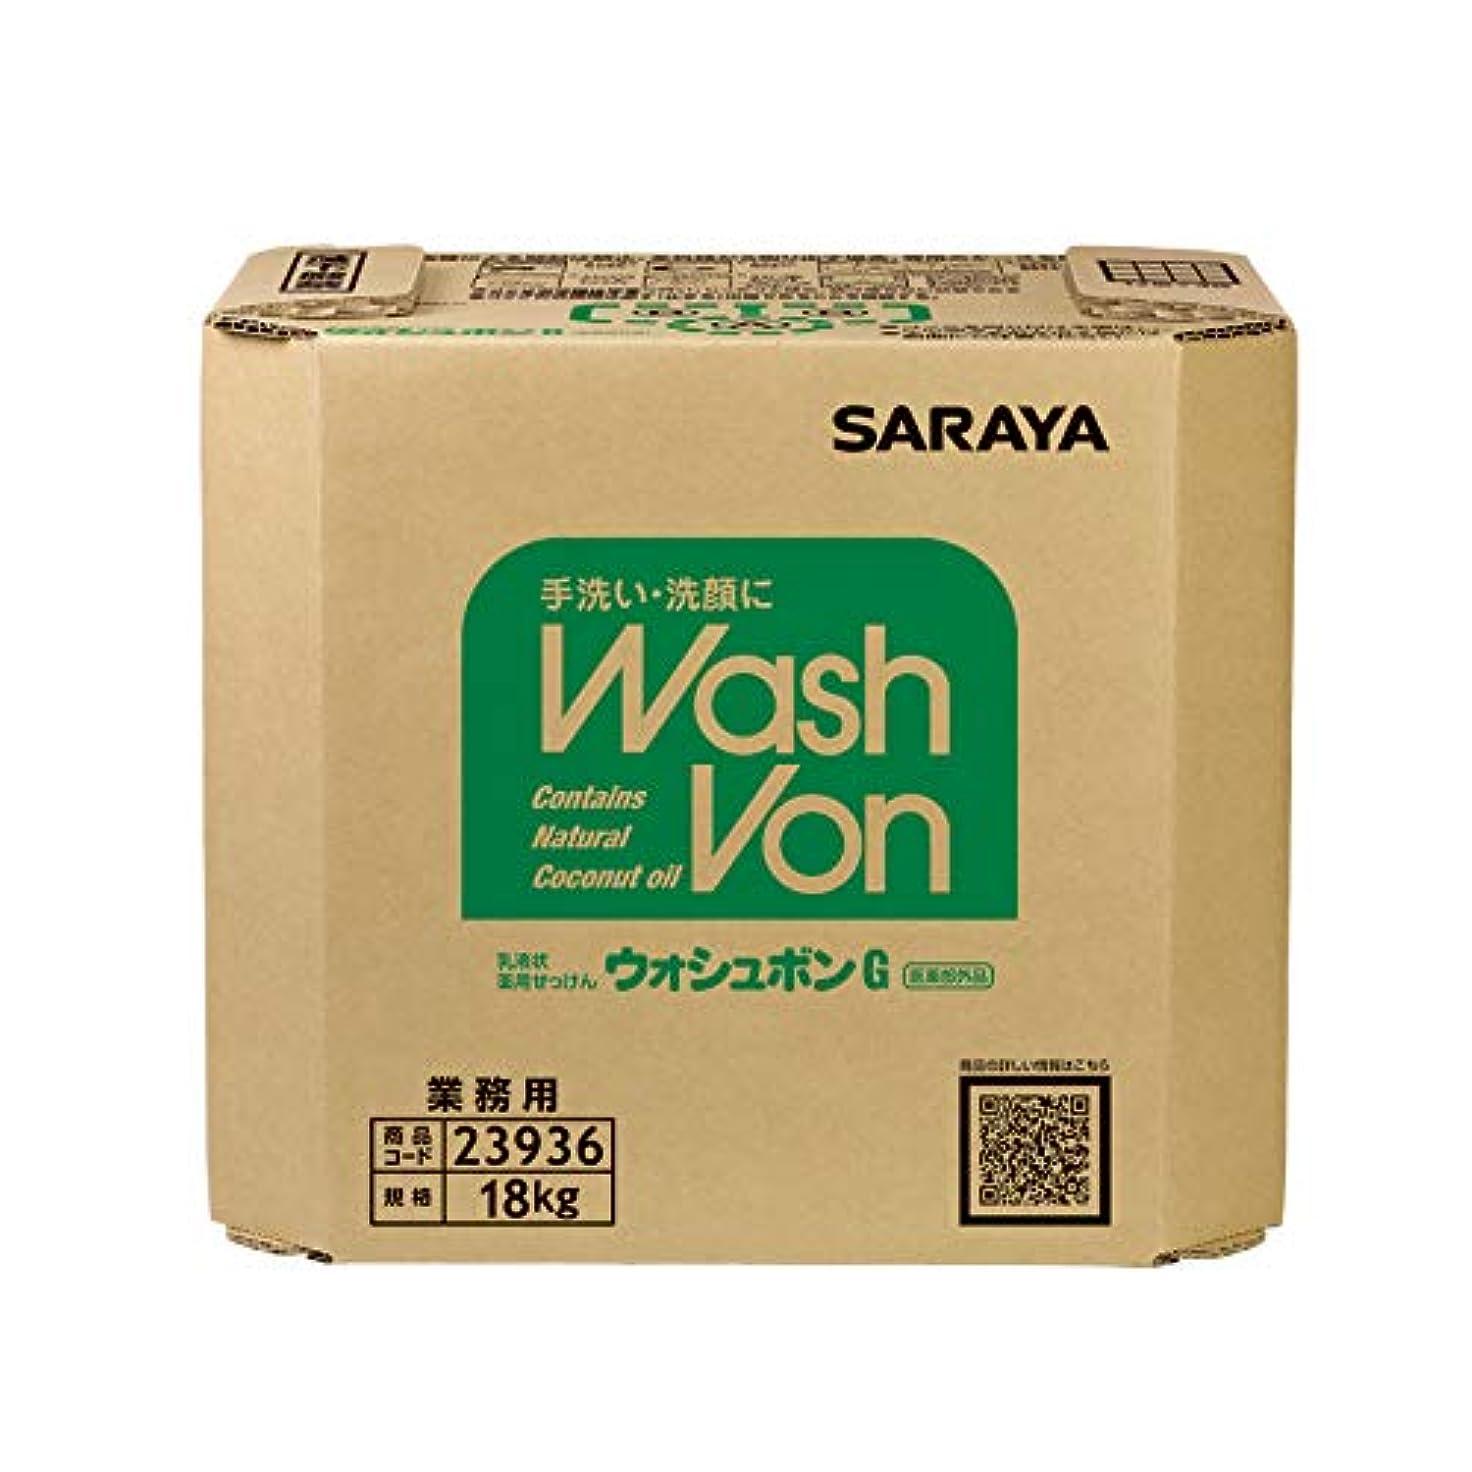 アフリカ人差別する風サラヤ ウォシュボン G 18kg 23936 (コック付き)